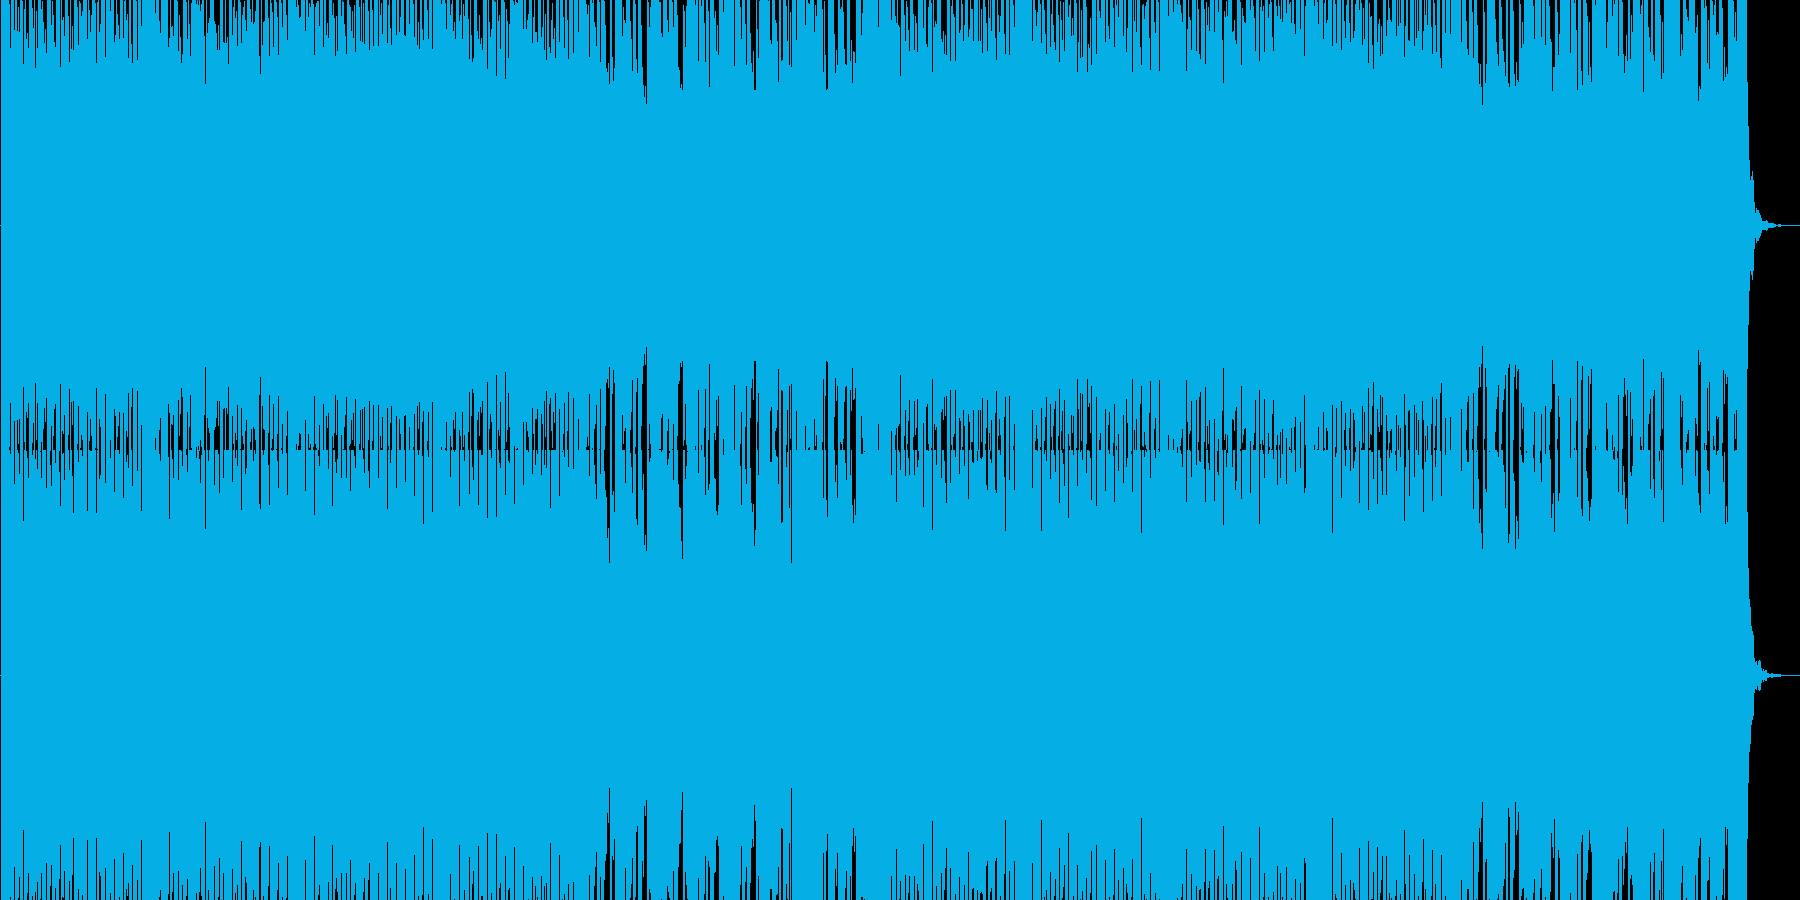 ゲームのセレクト画面を想定したテクノ系…の再生済みの波形